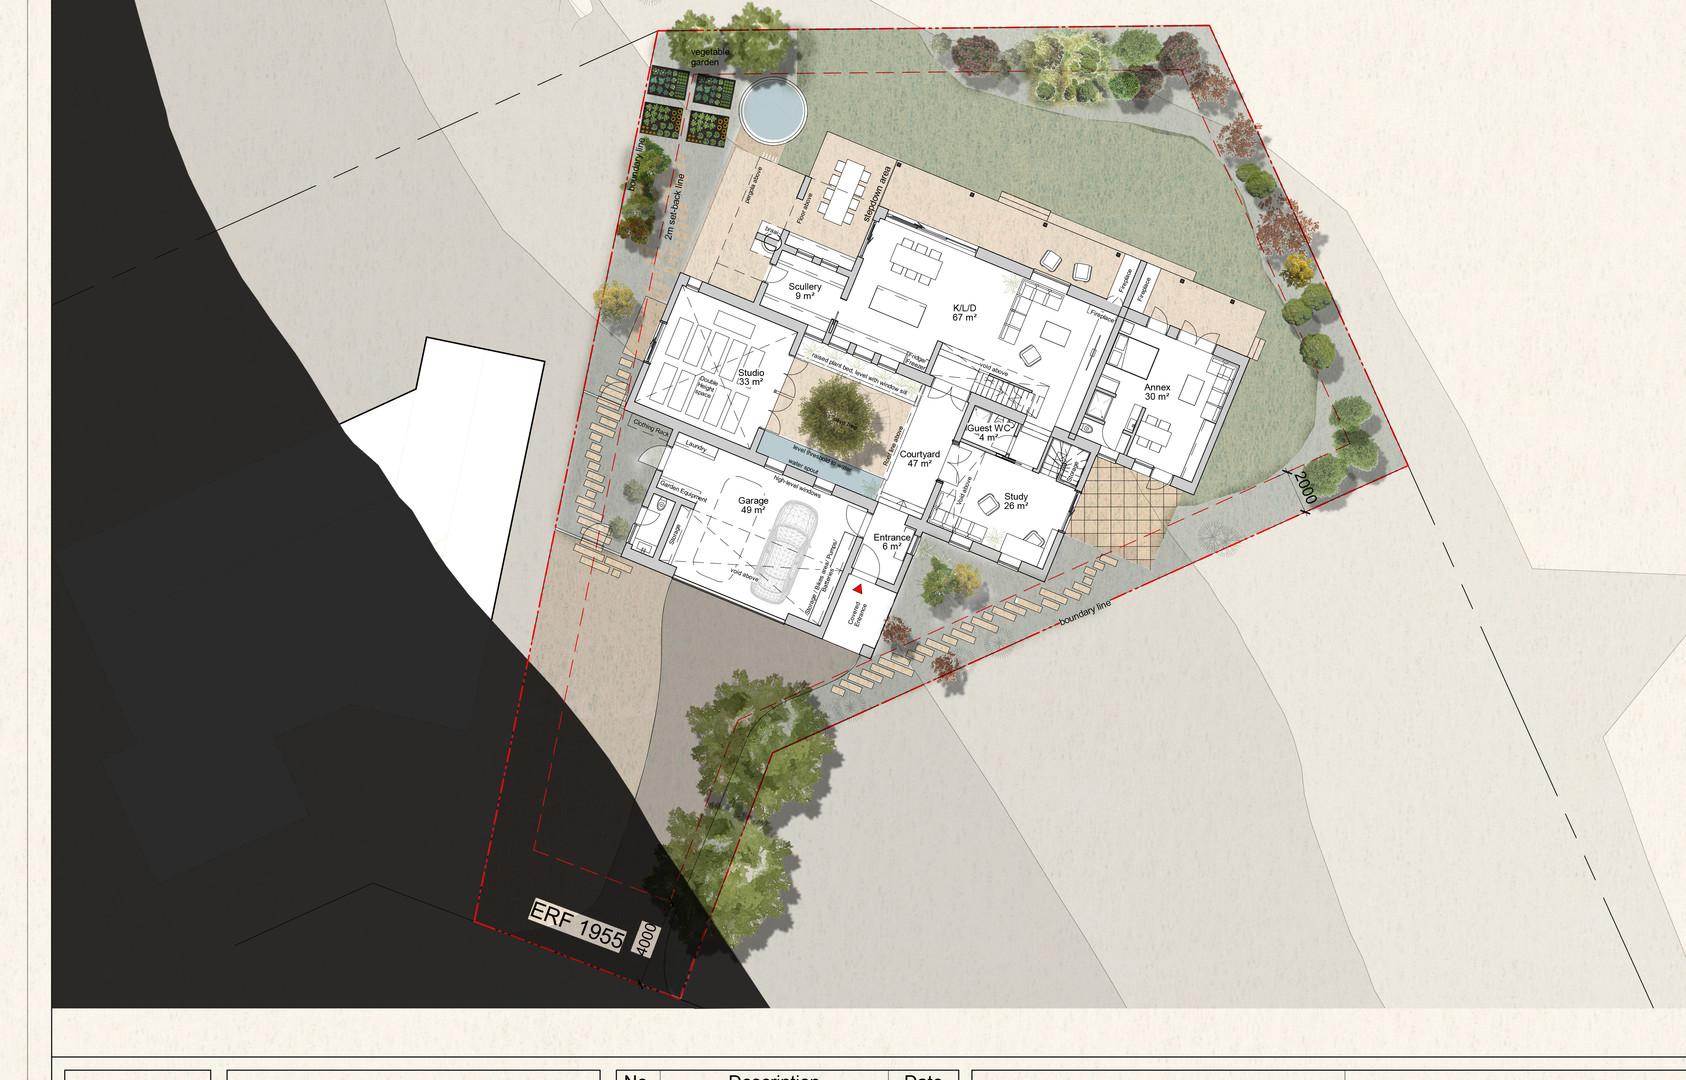 120_Stage3_ 1_200 Ground Floors.jpg